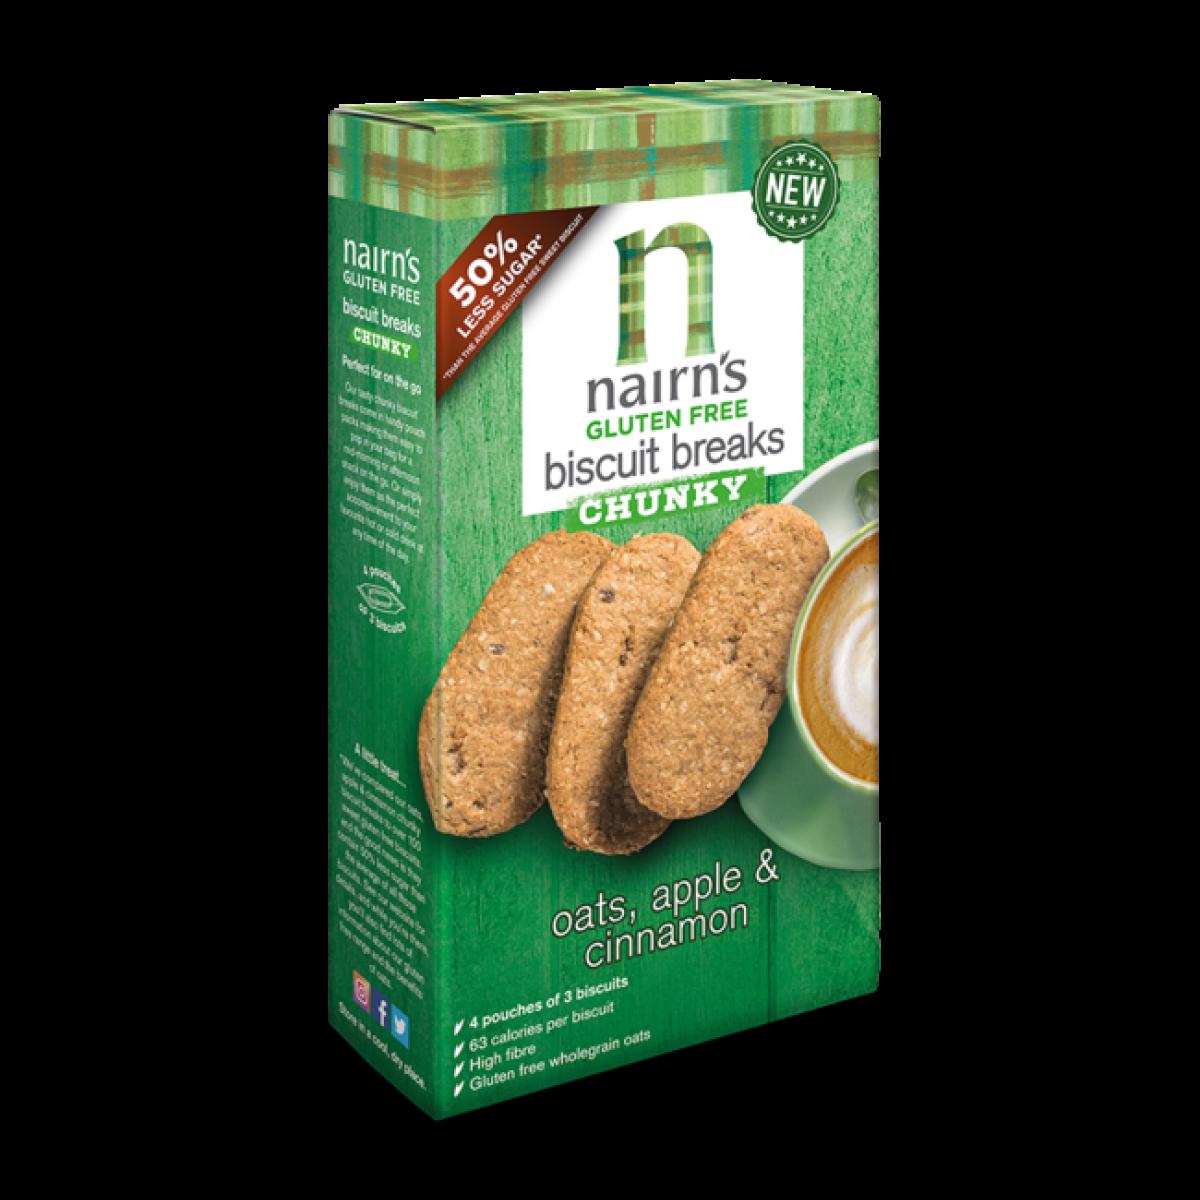 Biscuit Breaks Chunky Oats, Apple & Cinnamon